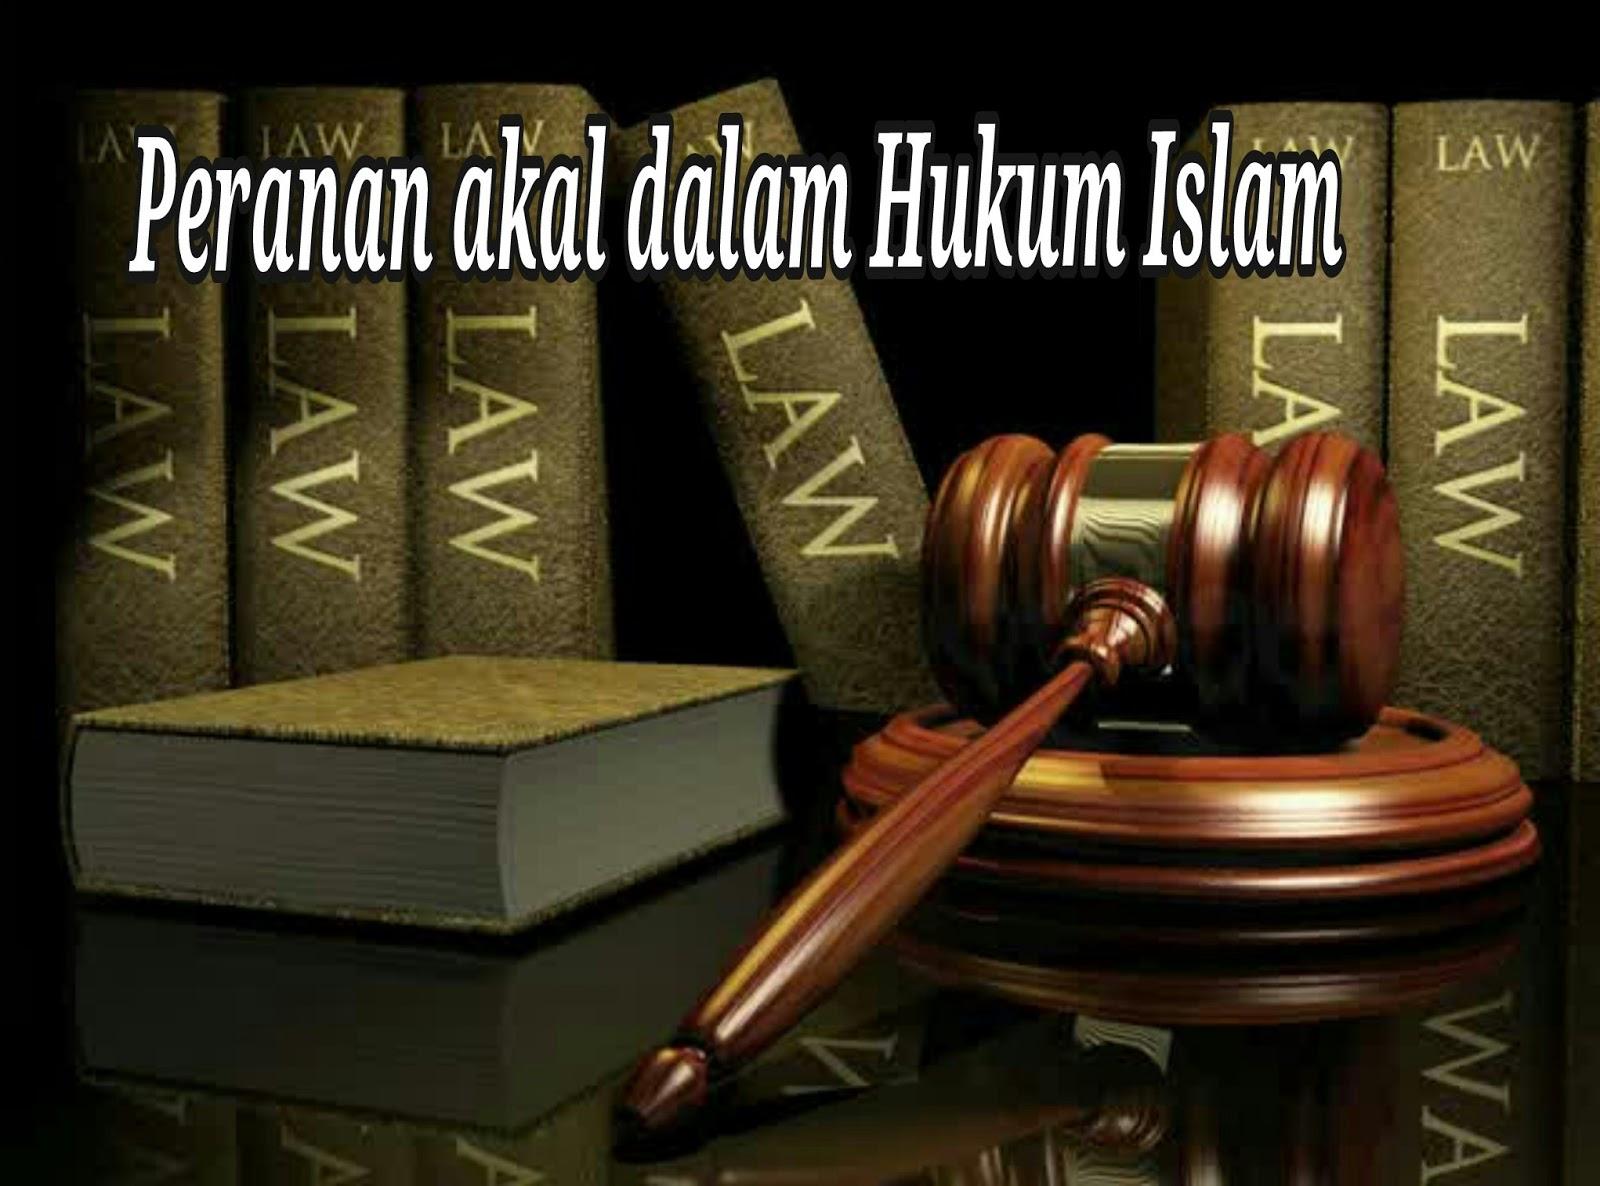 Bolehkah couple dan dating dalam pandangan Islam